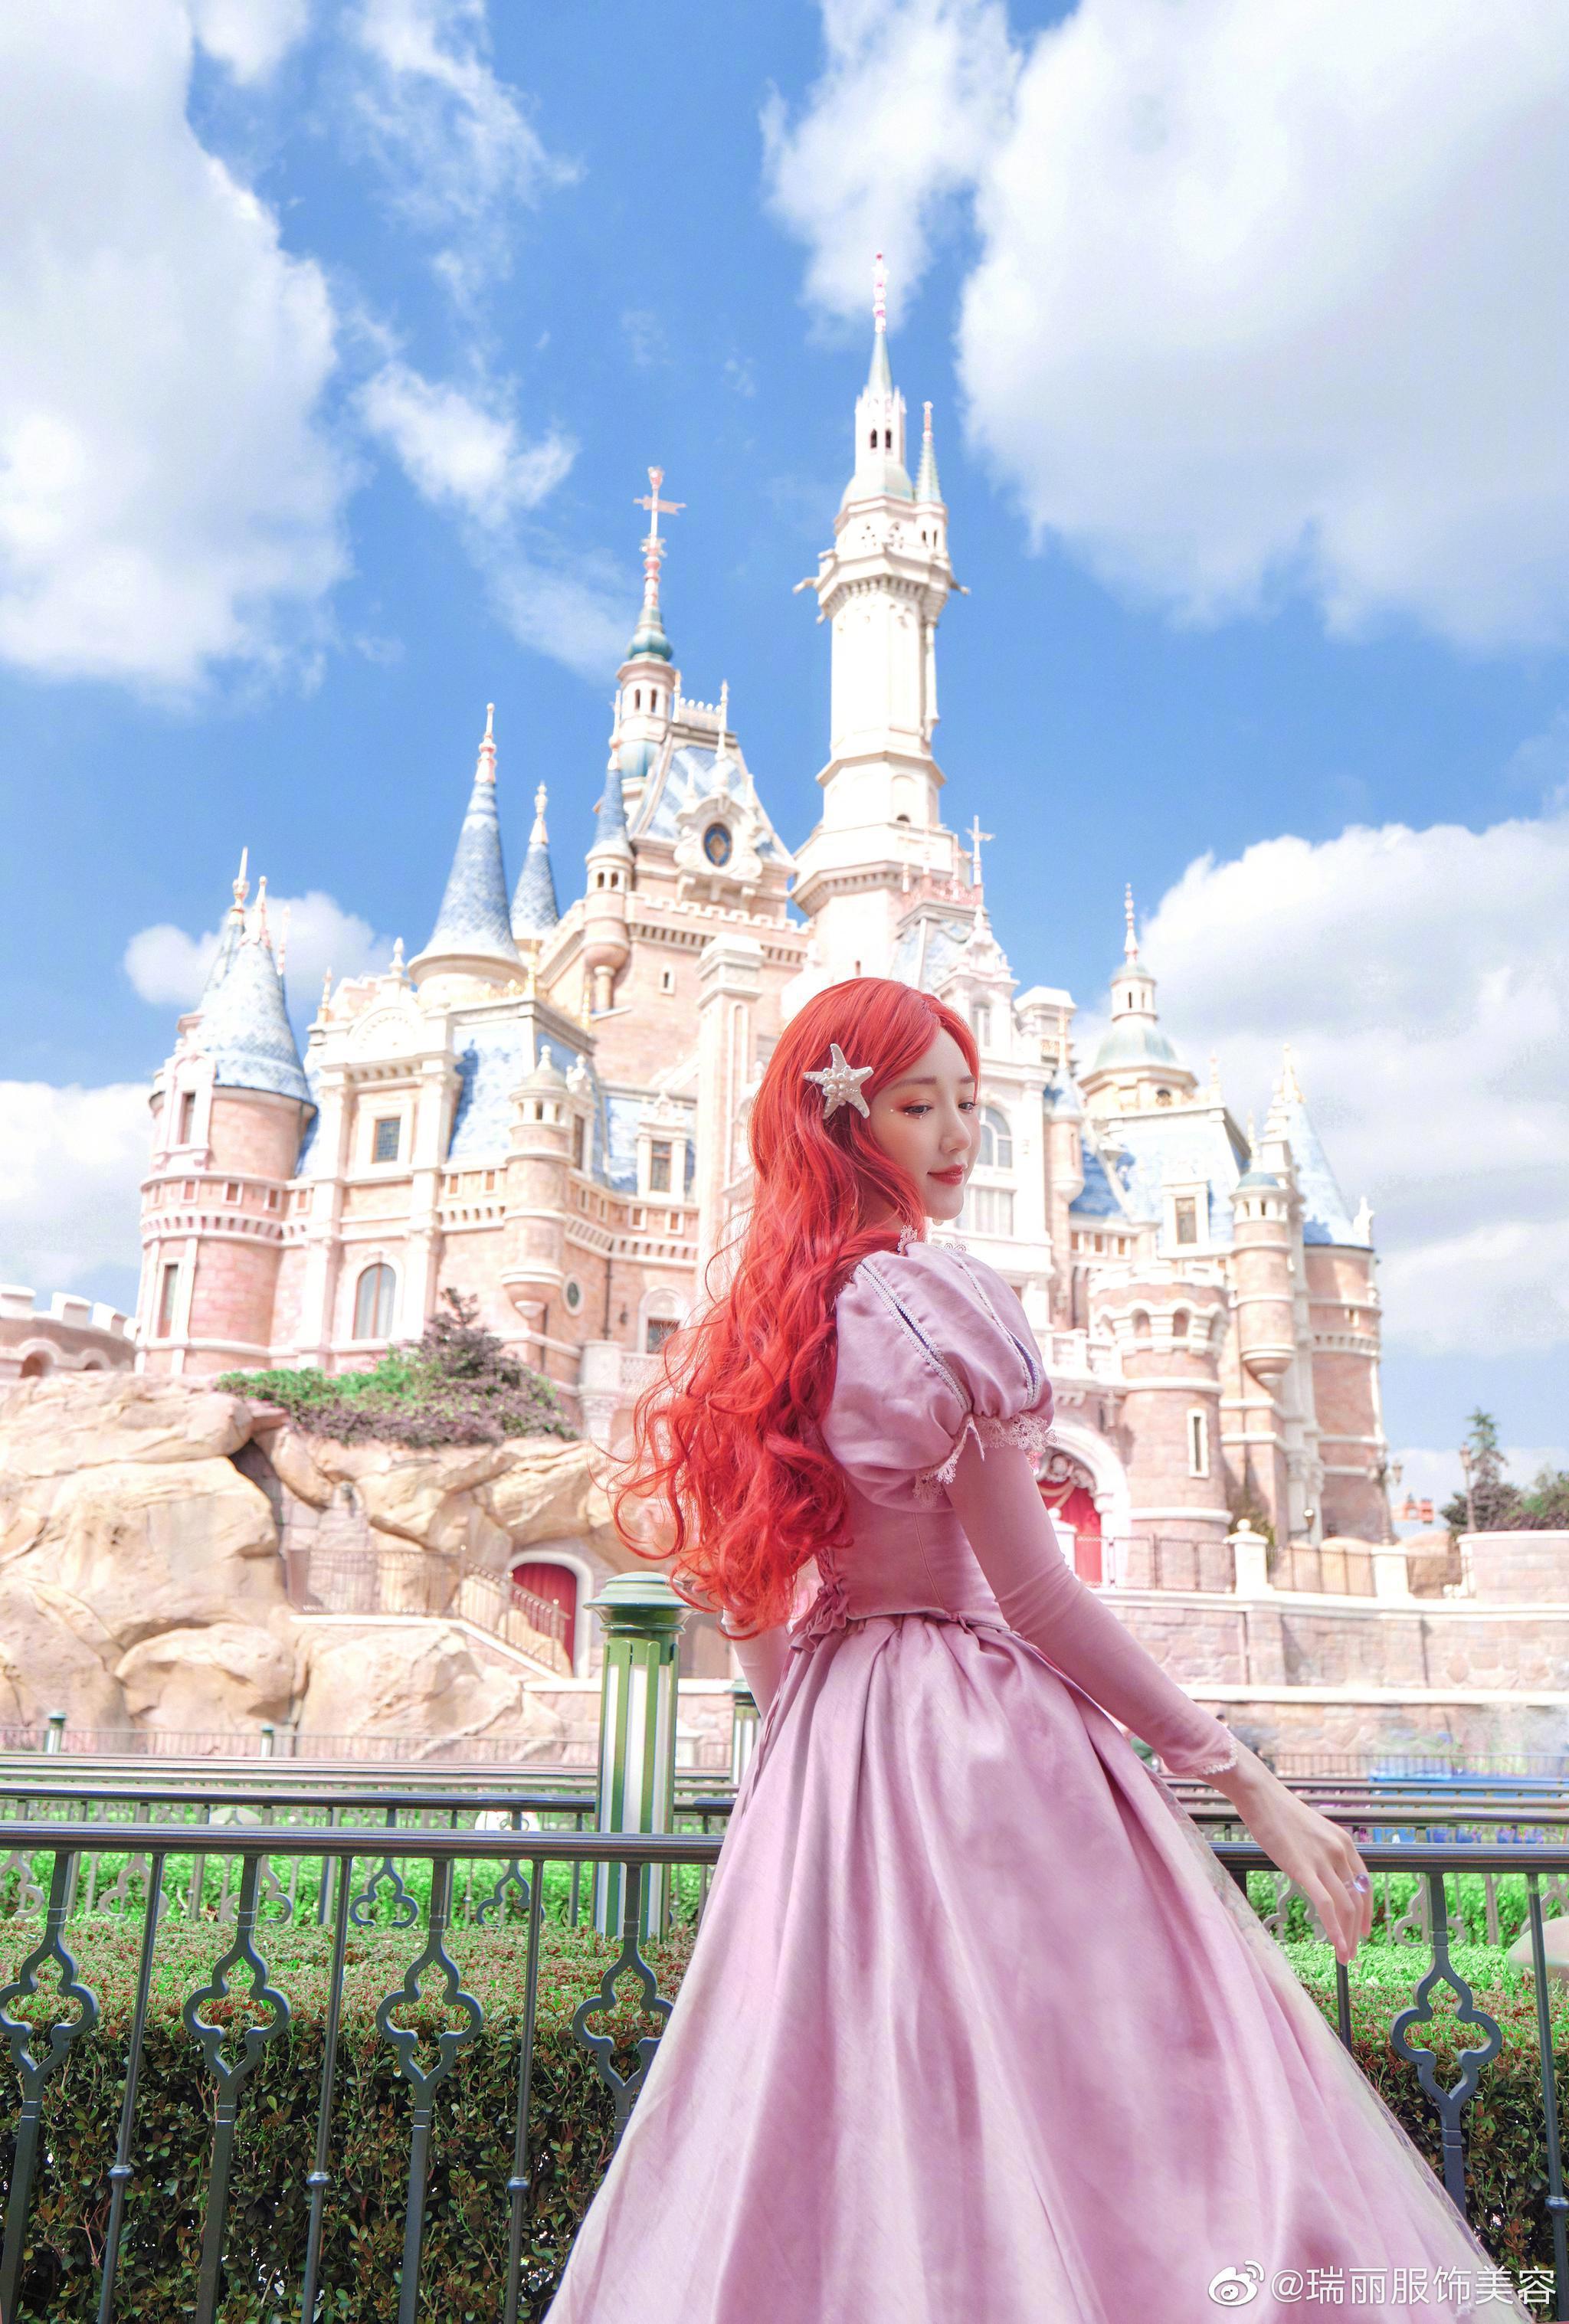 毛晓彤的小美人鱼造型太好看了,想拥有同款梦幻美图,红发粉裙……